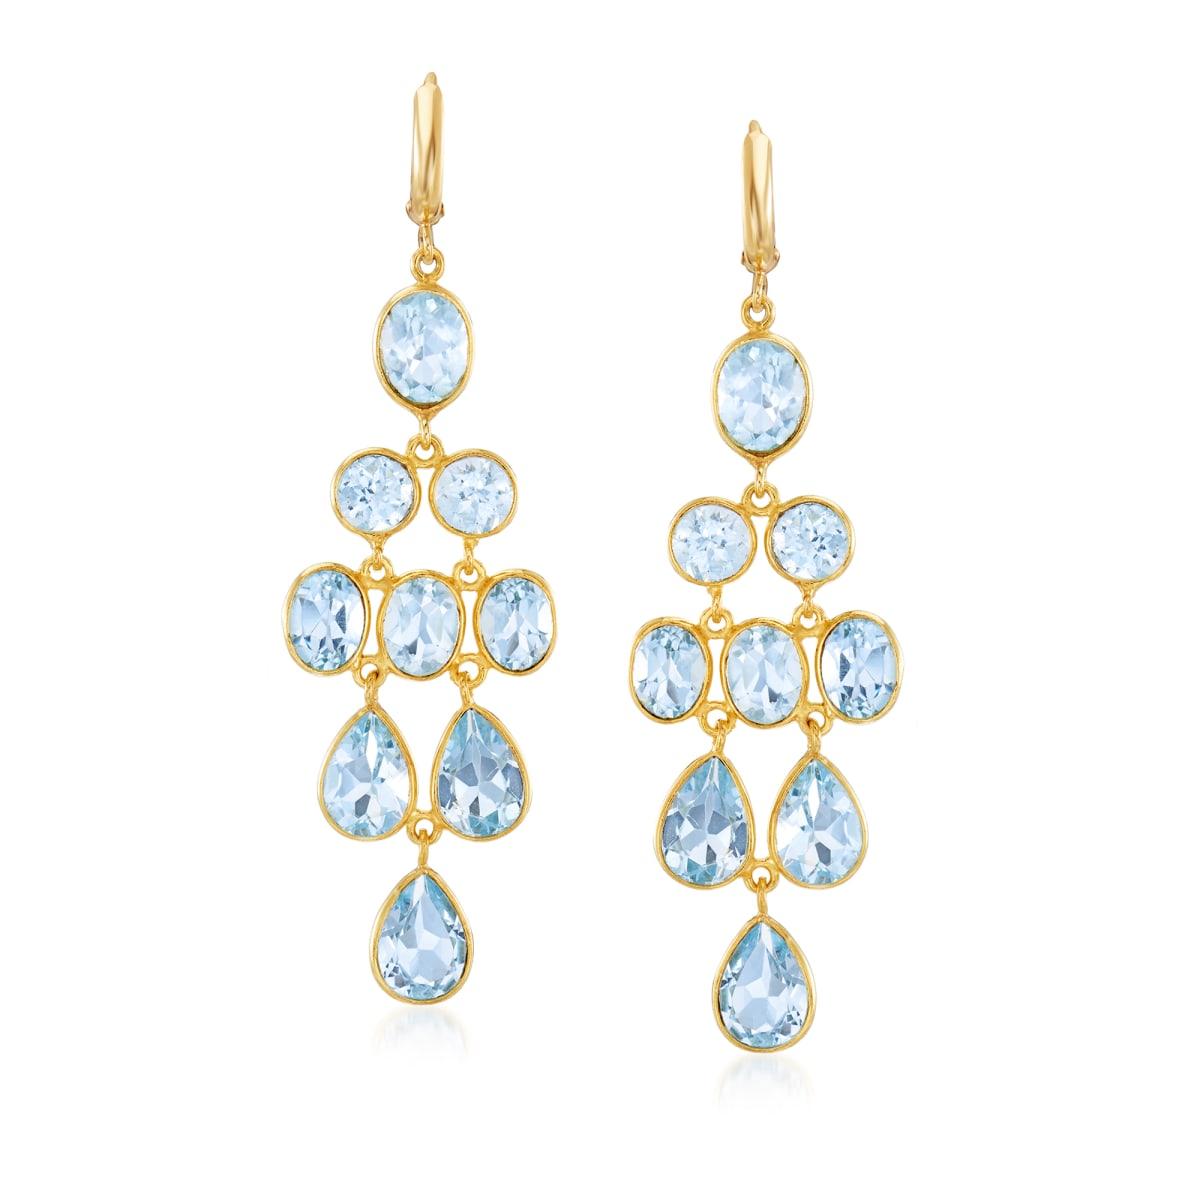 33.50 ct. t.w. Sky Blue Topaz Chandelier Earrings in 18kt Gold Over Sterling | Ross-Simons